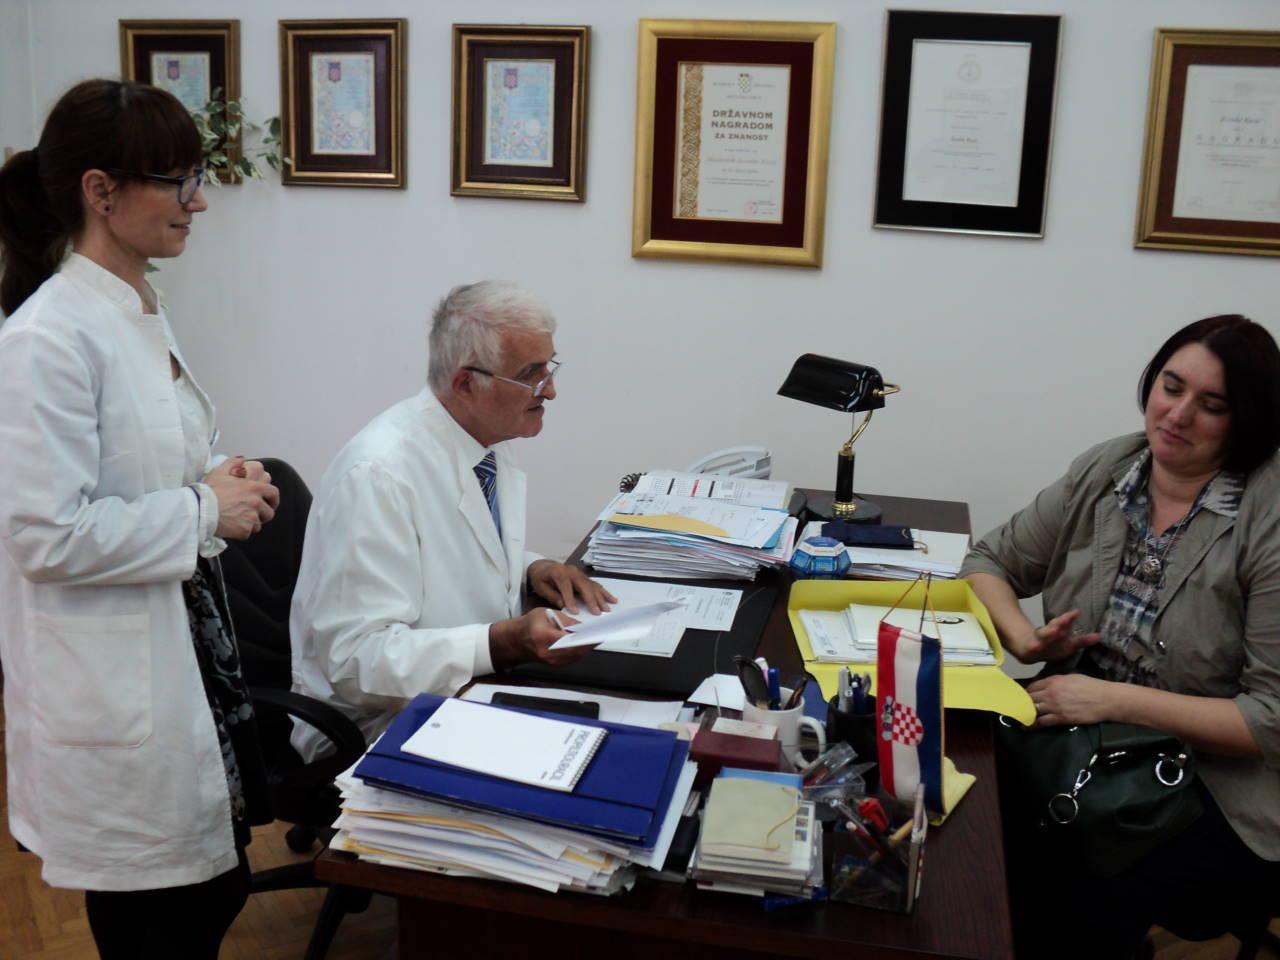 dr. glover za upoznavanje s osnovama